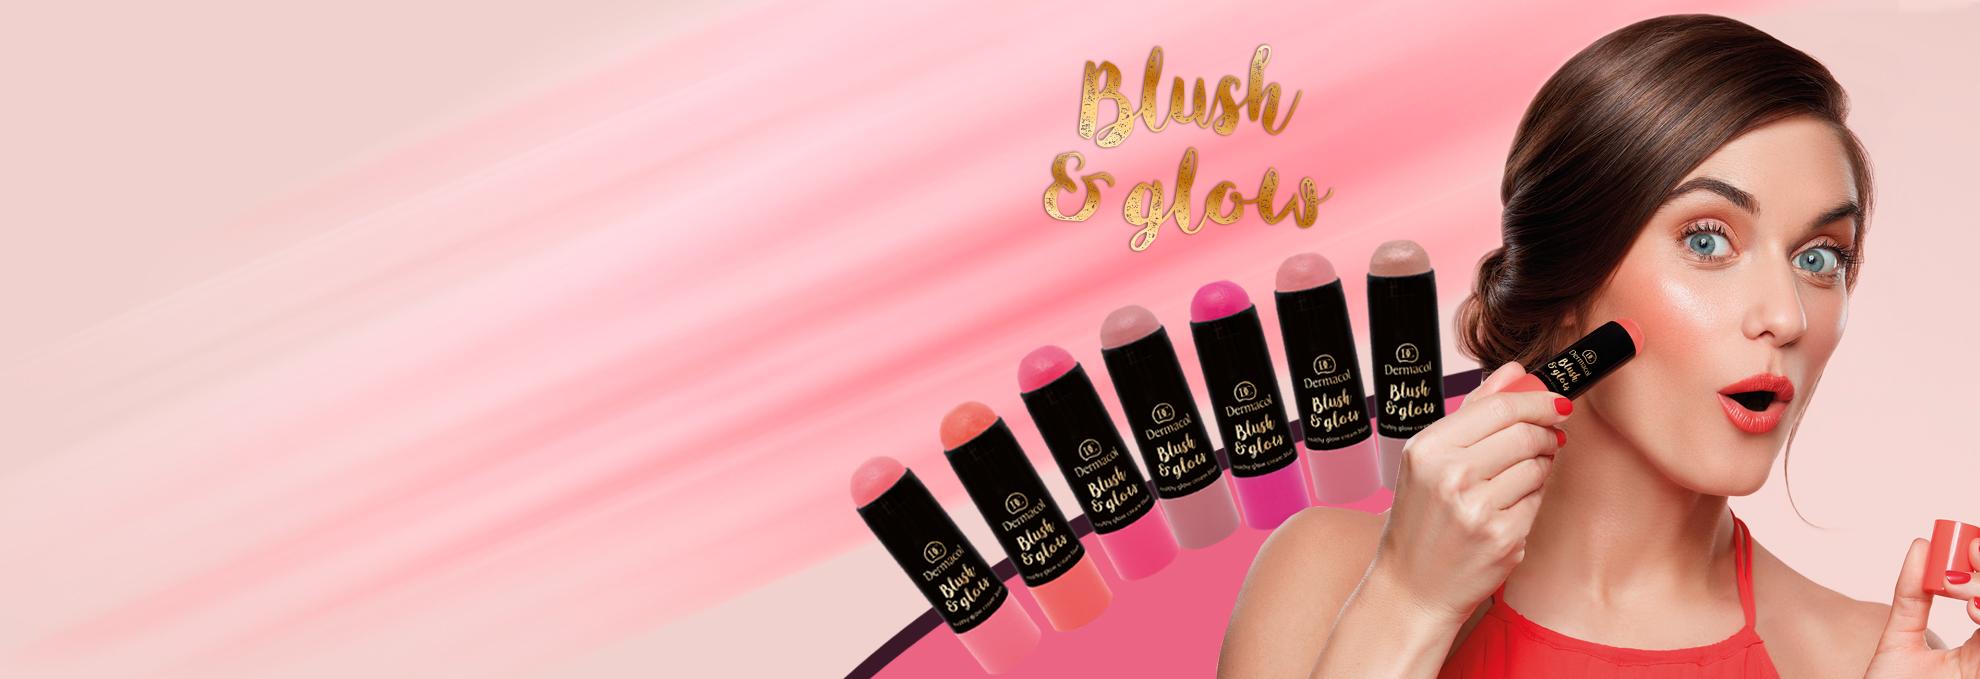 Blush & glow